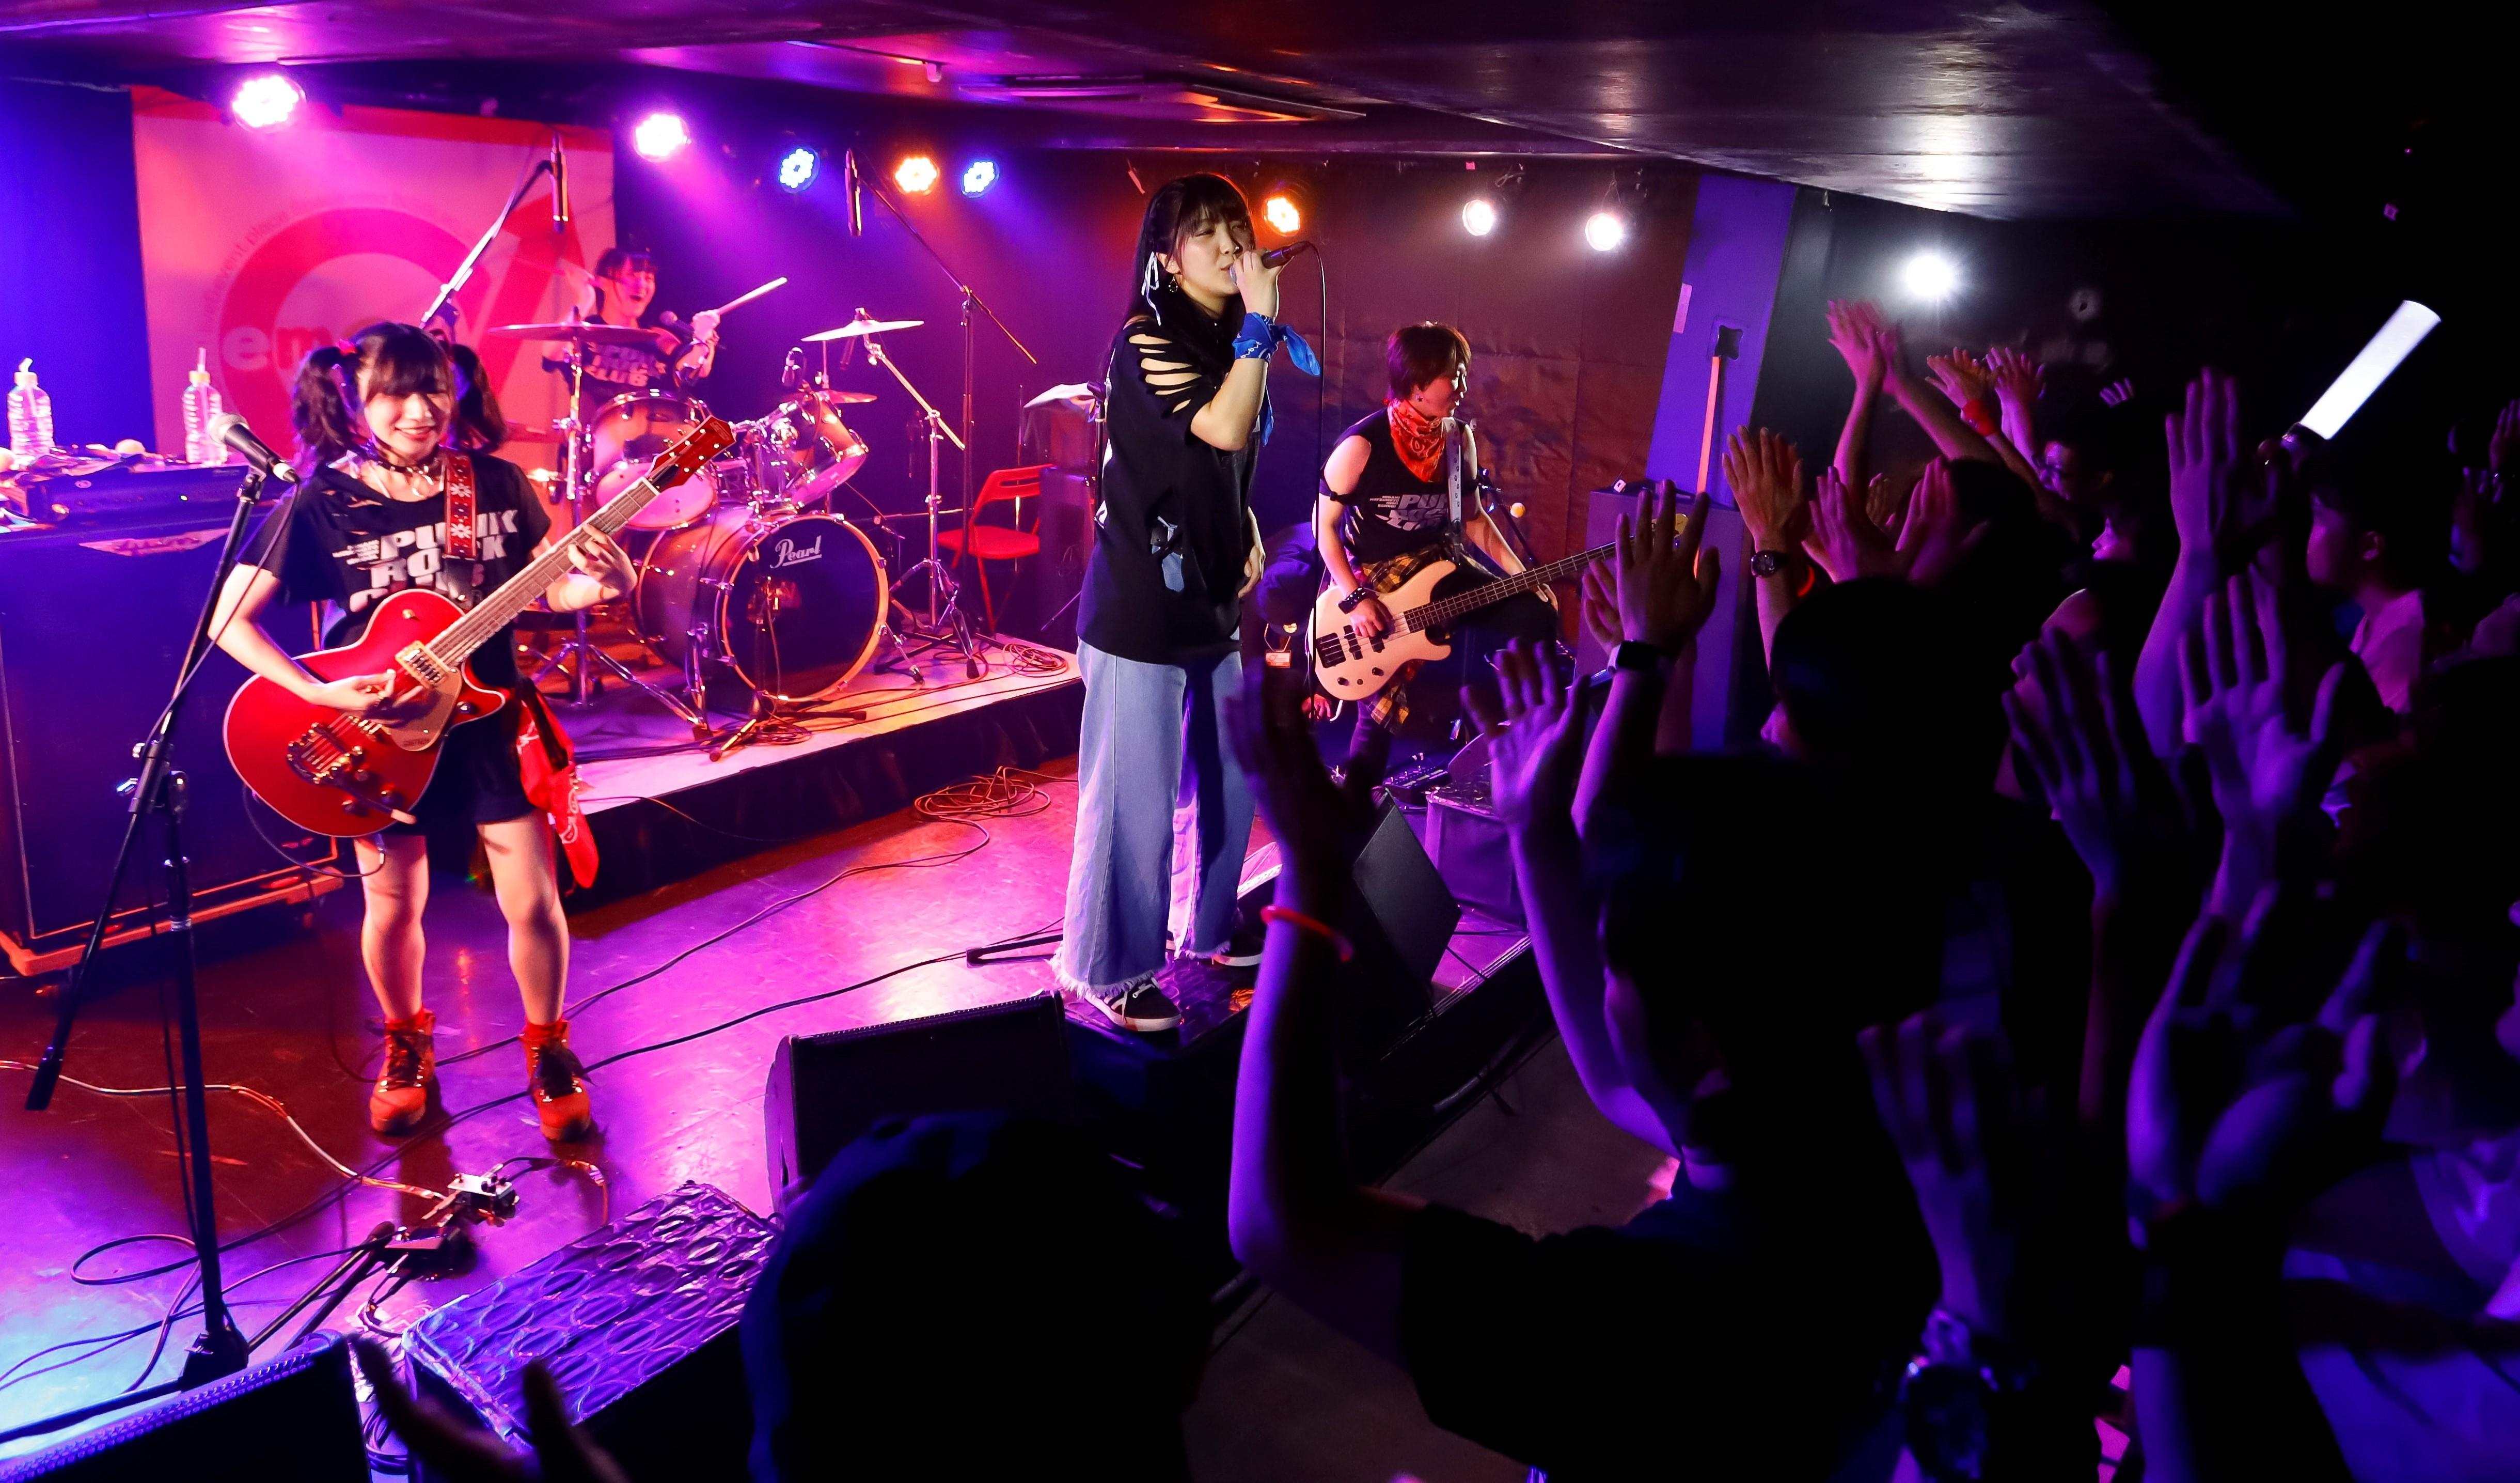 9月21日に行われた3rdワンマンライブの模様 [撮影:菅沼聖太郎(目黒スタジオ)](C)2019 ガールズフィスト!!!! プロジェクト